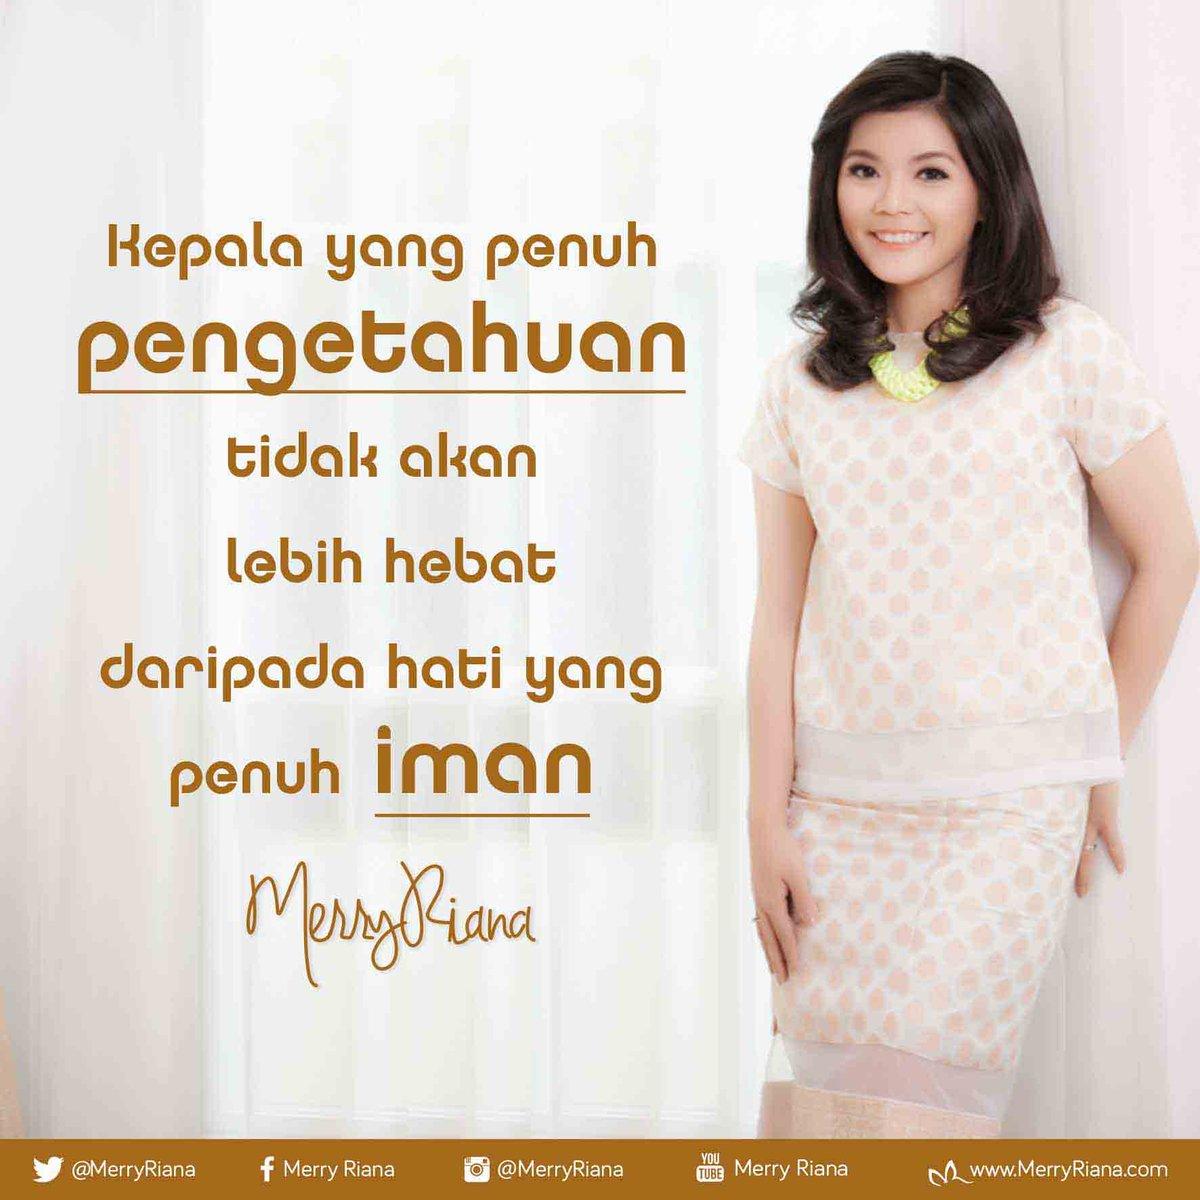 Foto Merry Riana Mimpi Sejuta Dolar Cerita Motivasi Iphincow Com